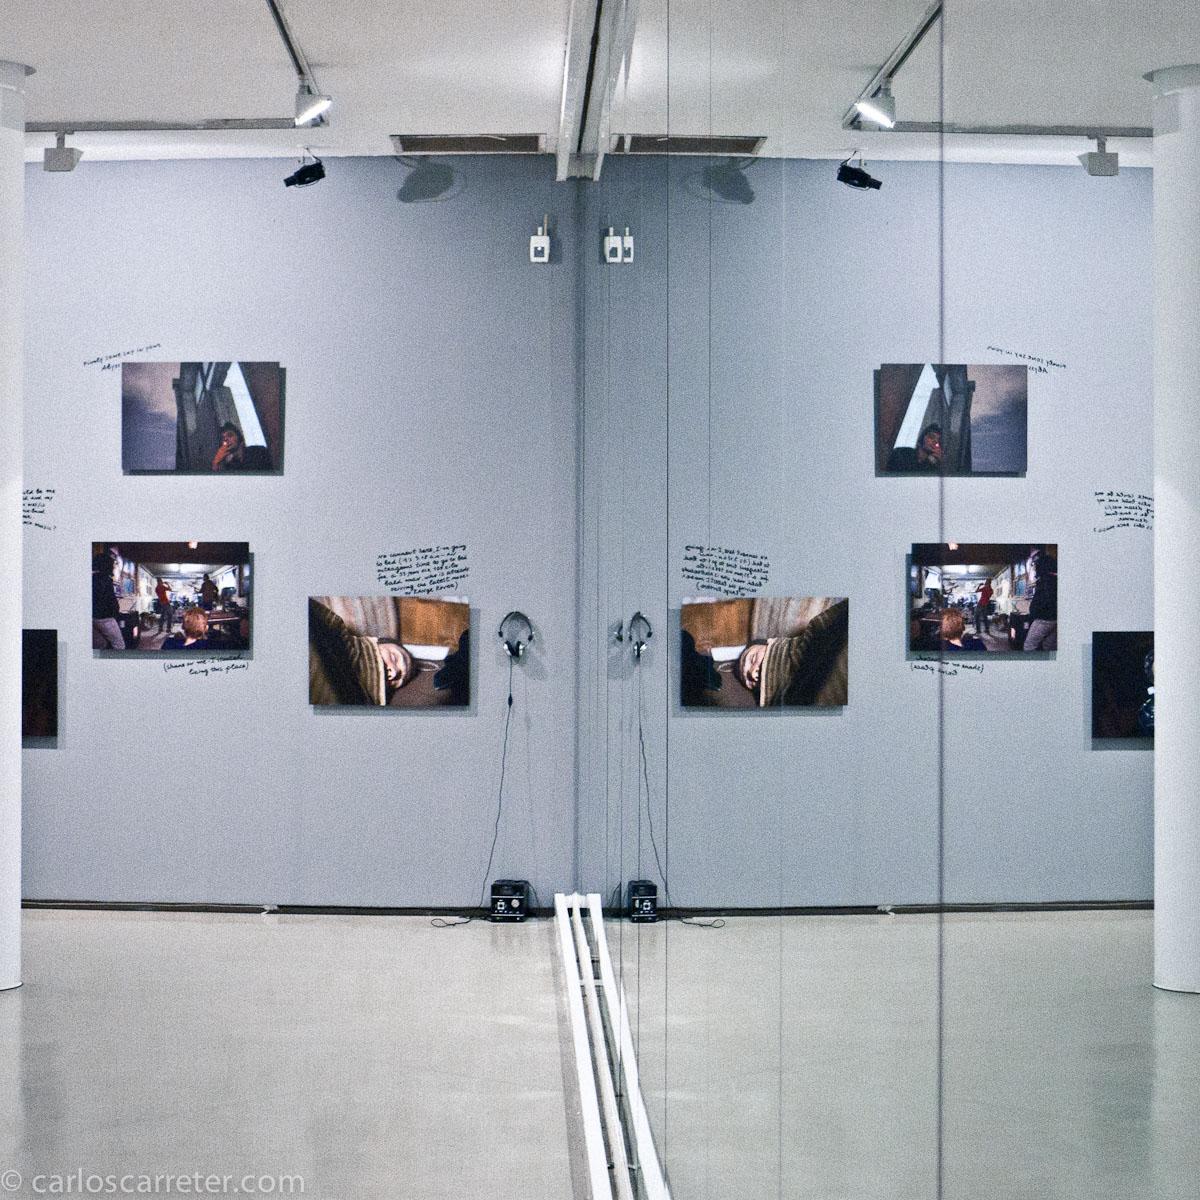 Un gran espejo para reflejar las obras (MUICO)